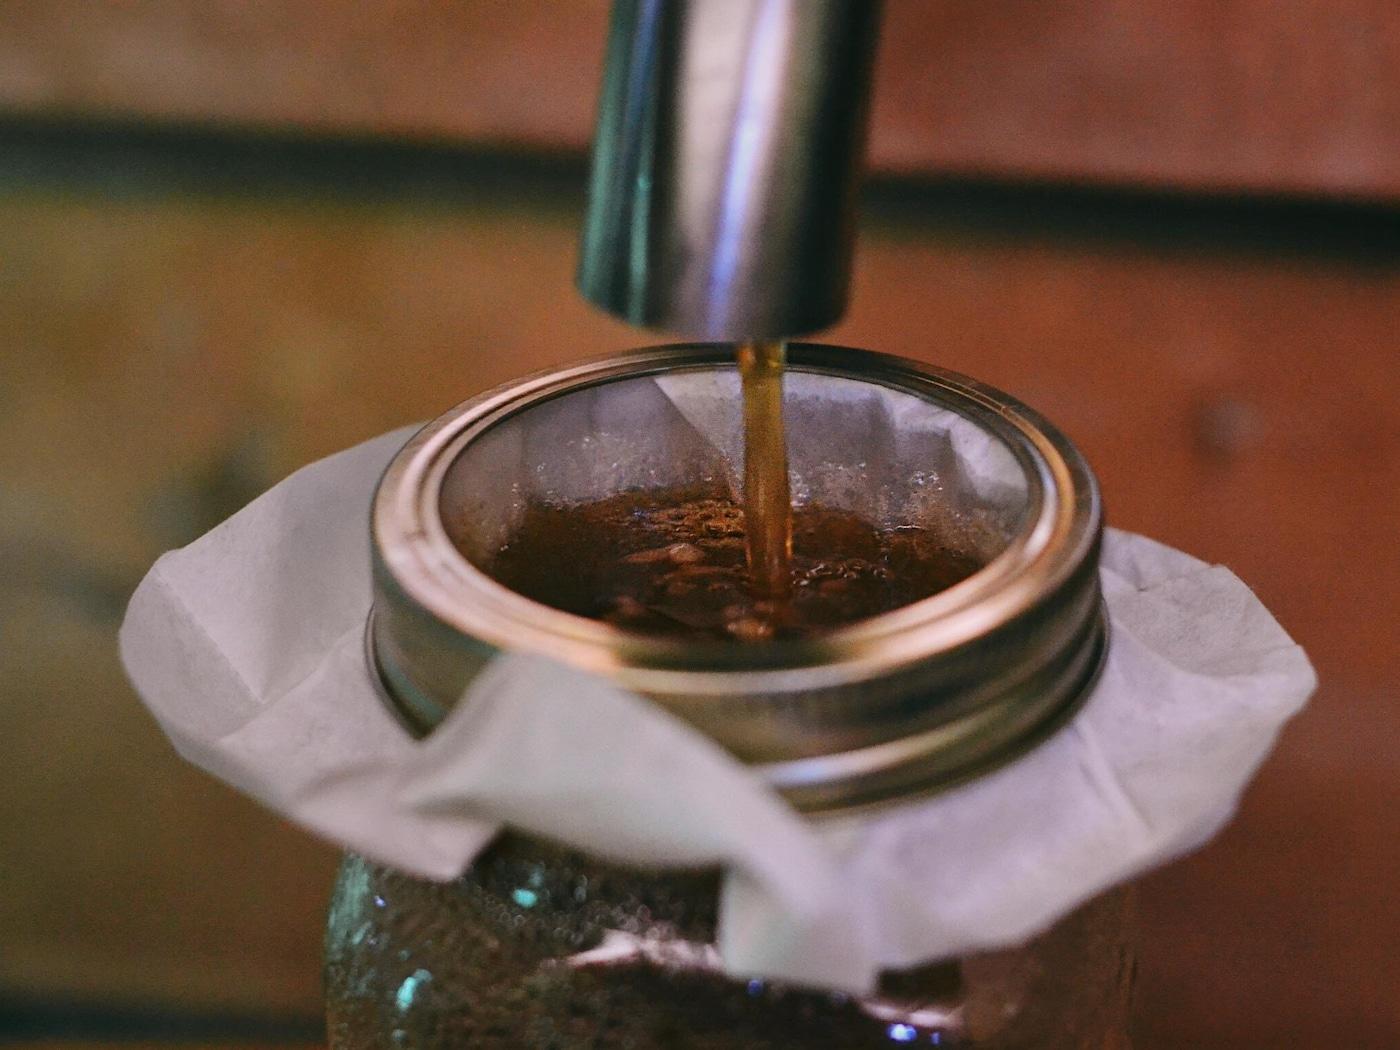 Le sirop d'érable alors qu'il se fait filtrer dans un filtre à café